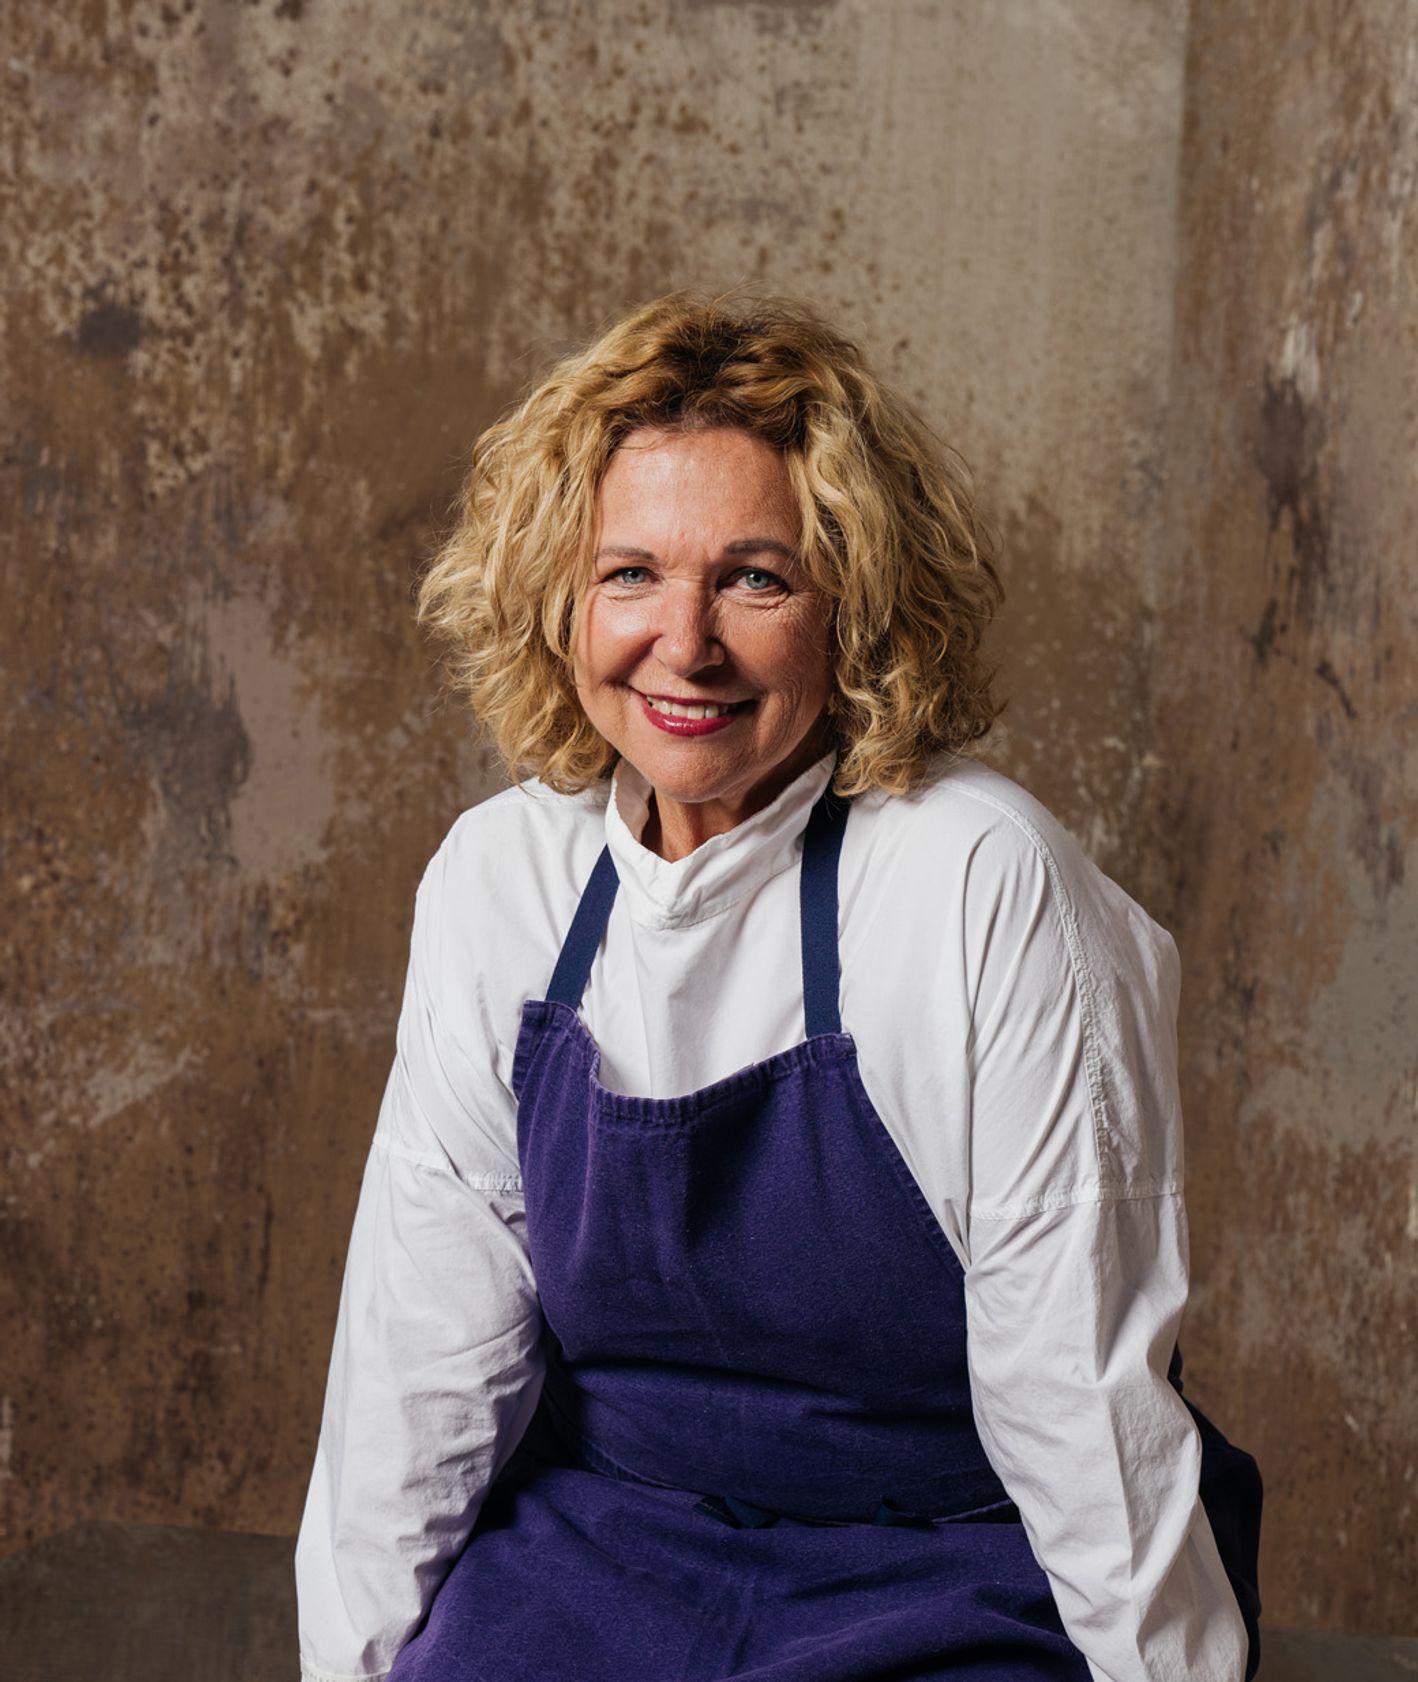 Portret Hayi Molcho, właścicielki restauracji NANI, Haya Molcho w białej bluzce i granatowym kuchennym fartuchu